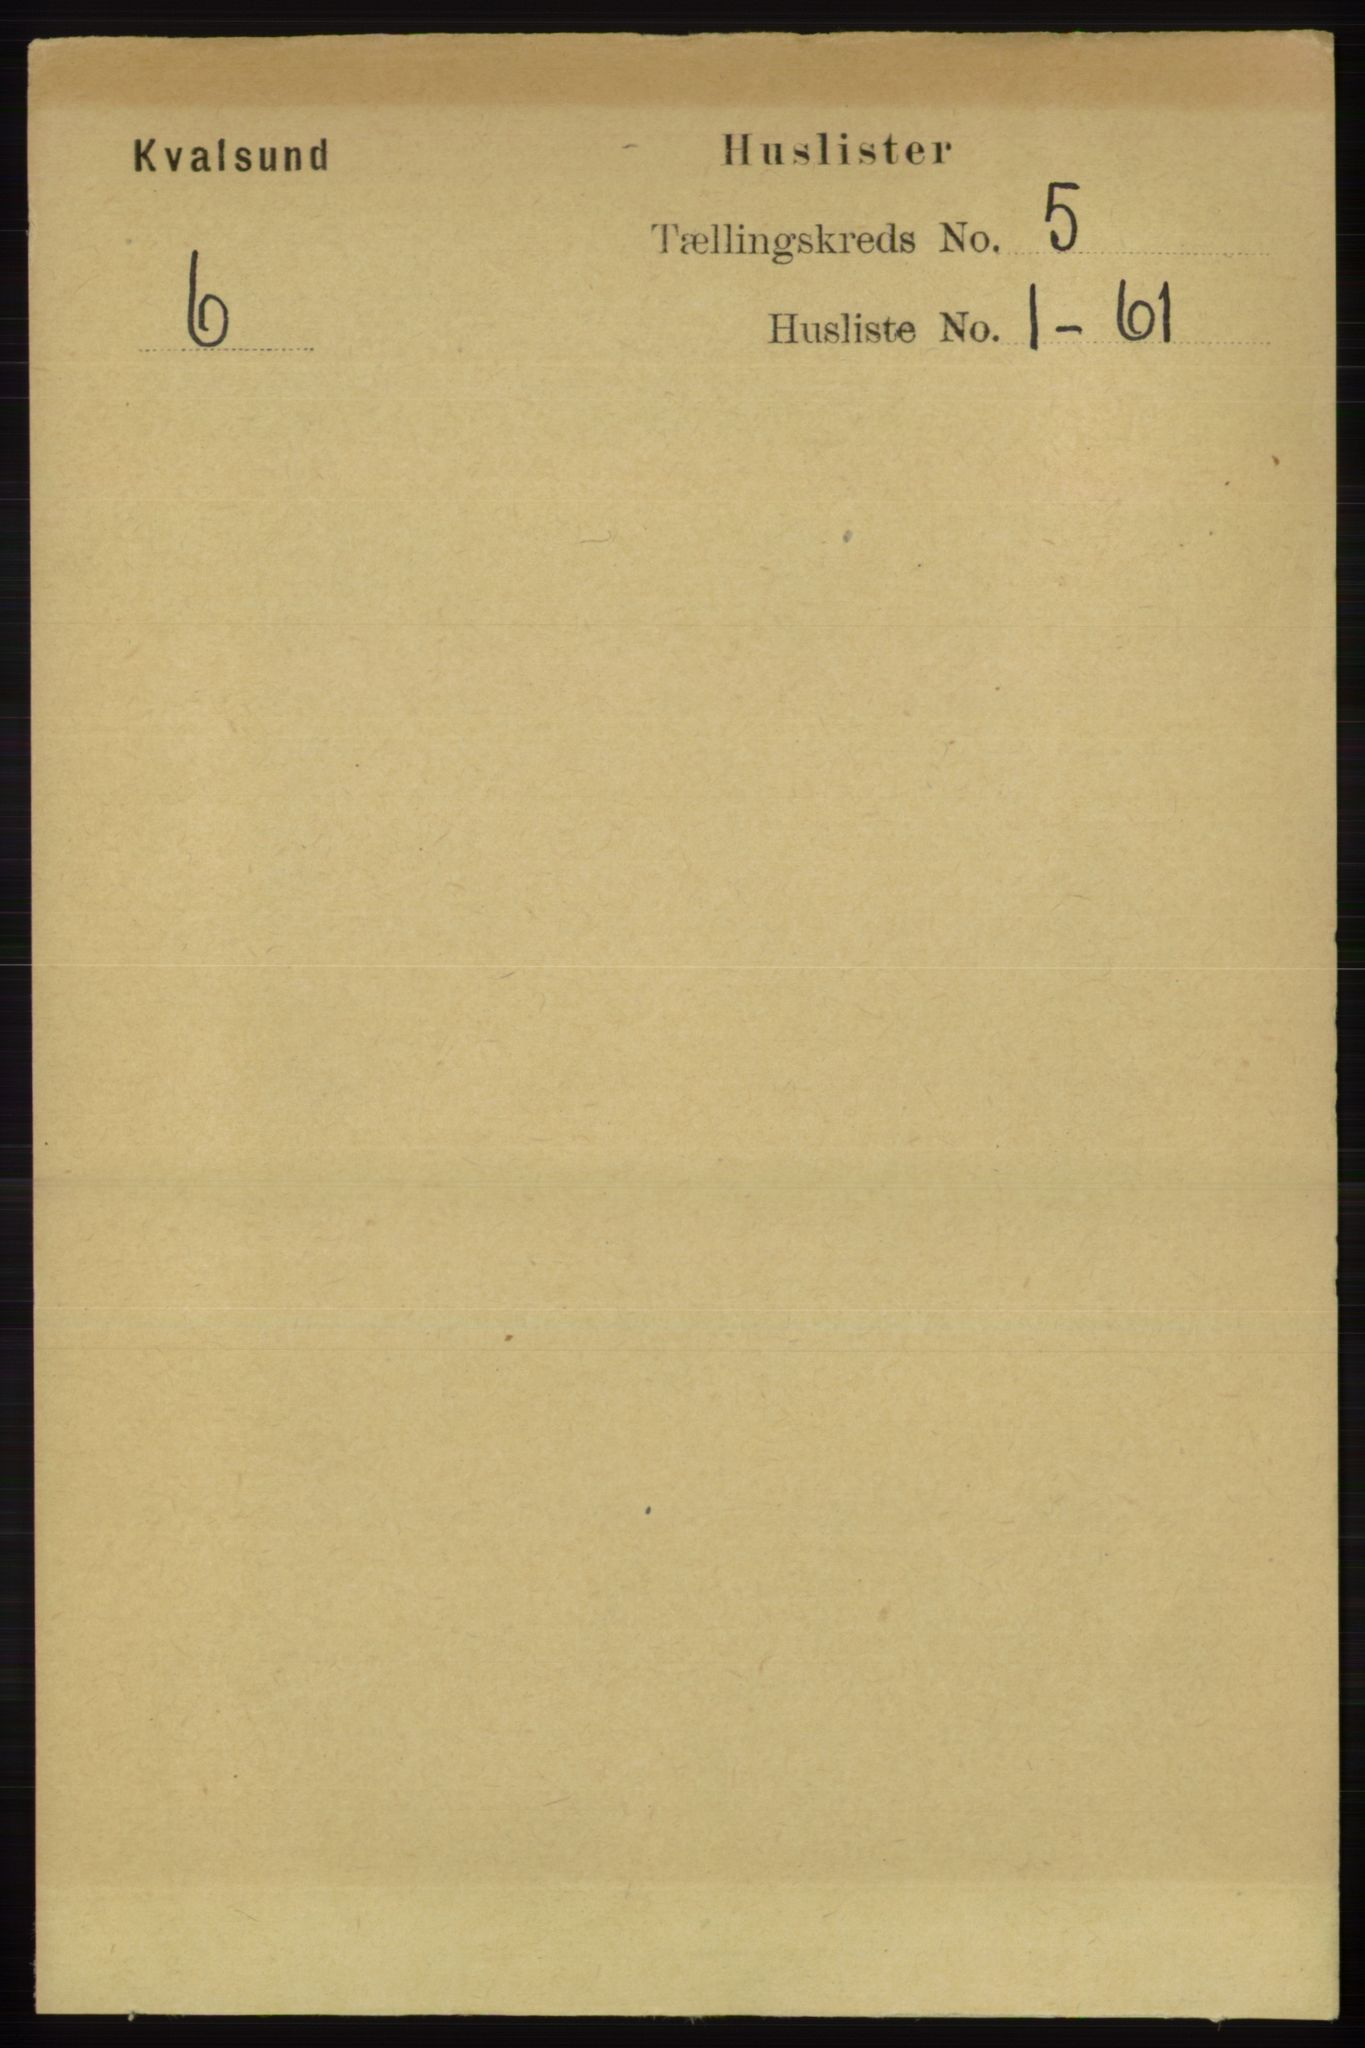 RA, Folketelling 1891 for 2017 Kvalsund herred, 1891, s. 452